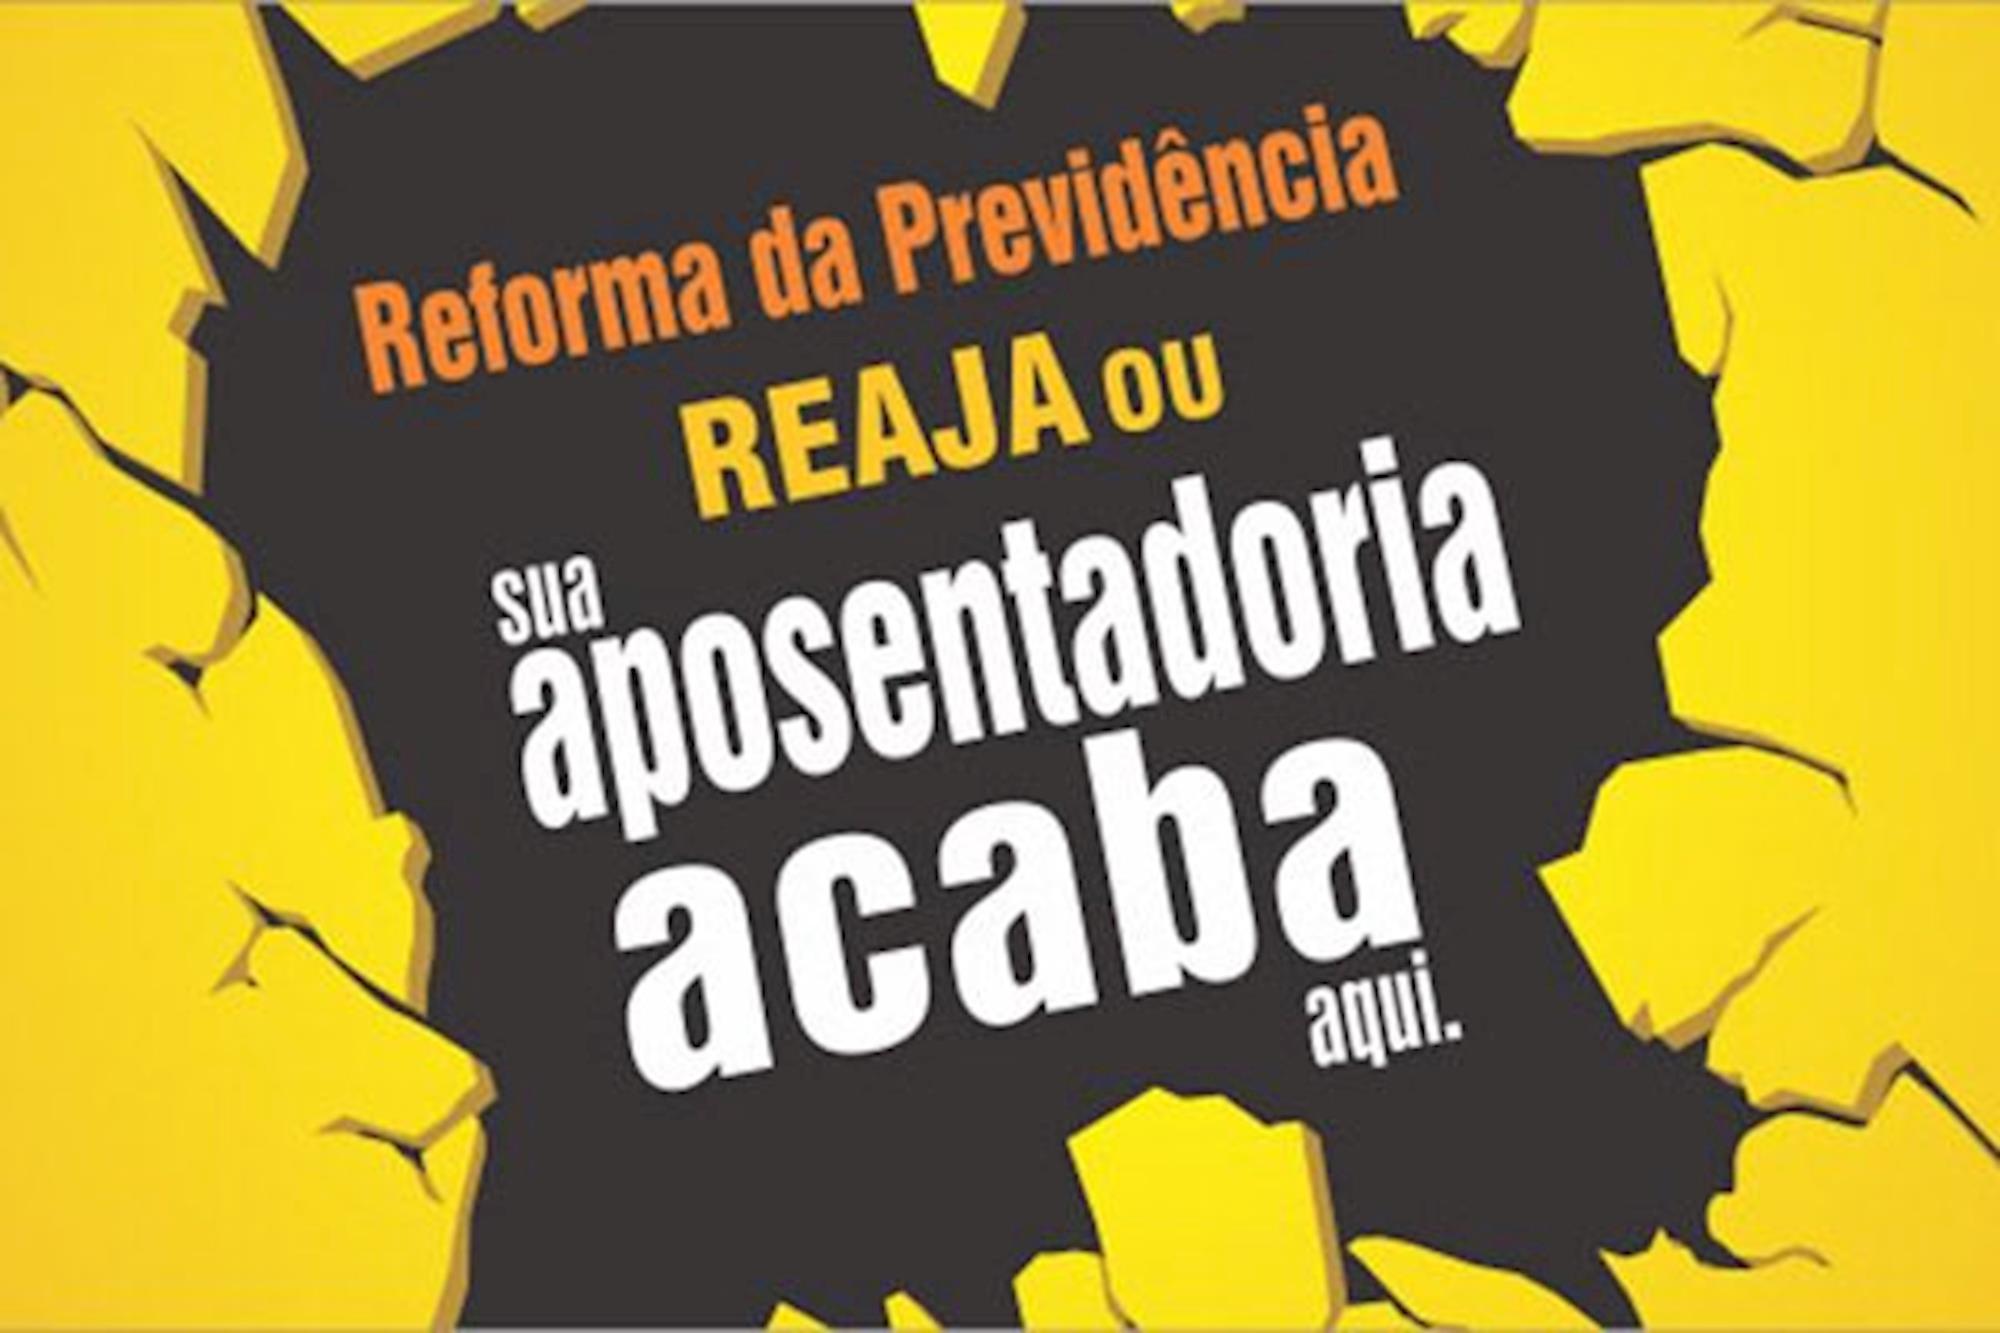 campanha, reaja, contra a reforma, previdencia, Divulgação